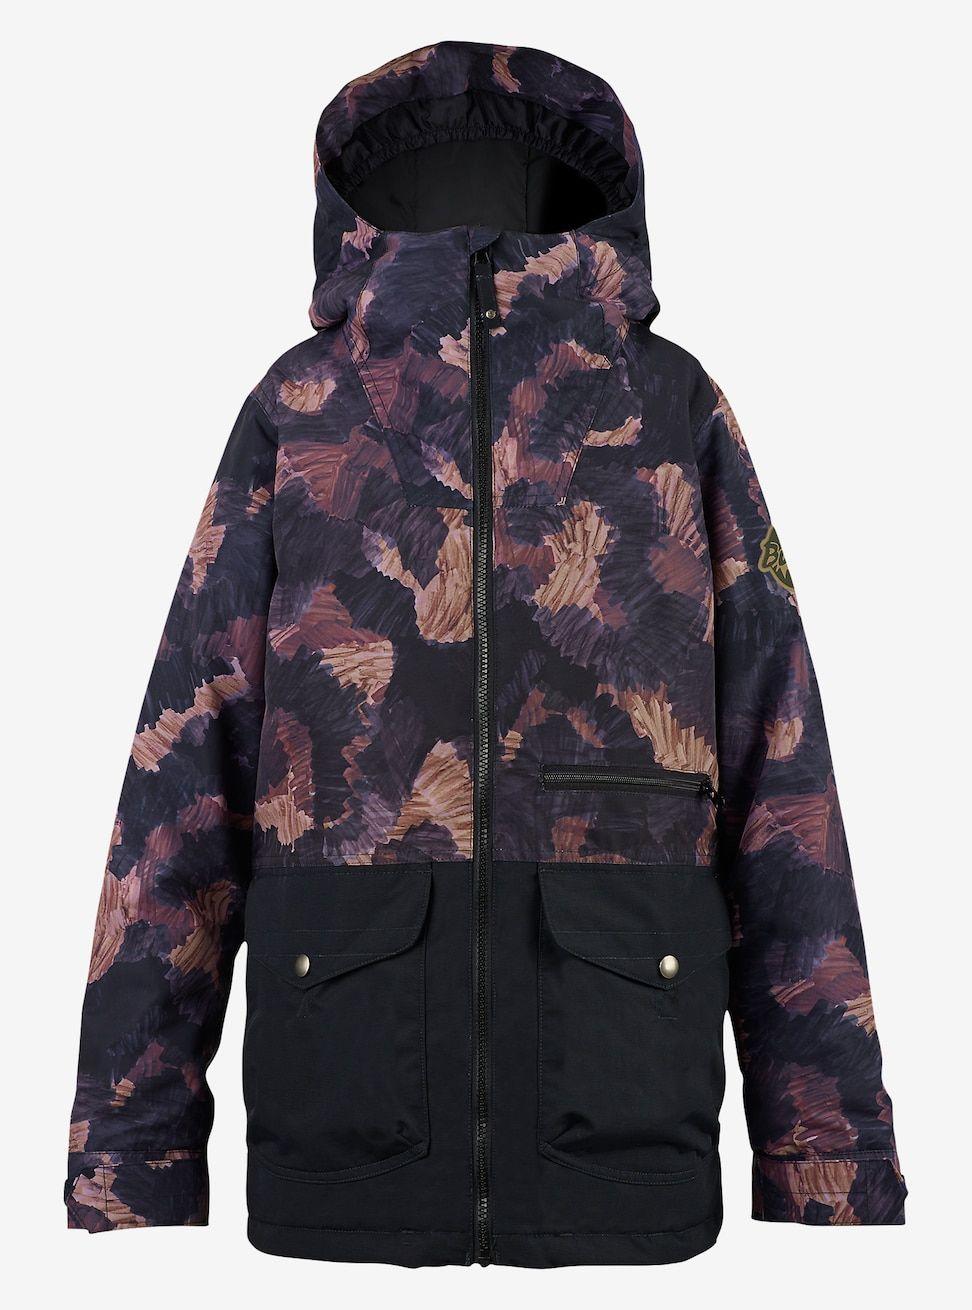 156b49f5a Burton Boys' Ace Jacket shown in Marker Cam / True Black | KIDS ...